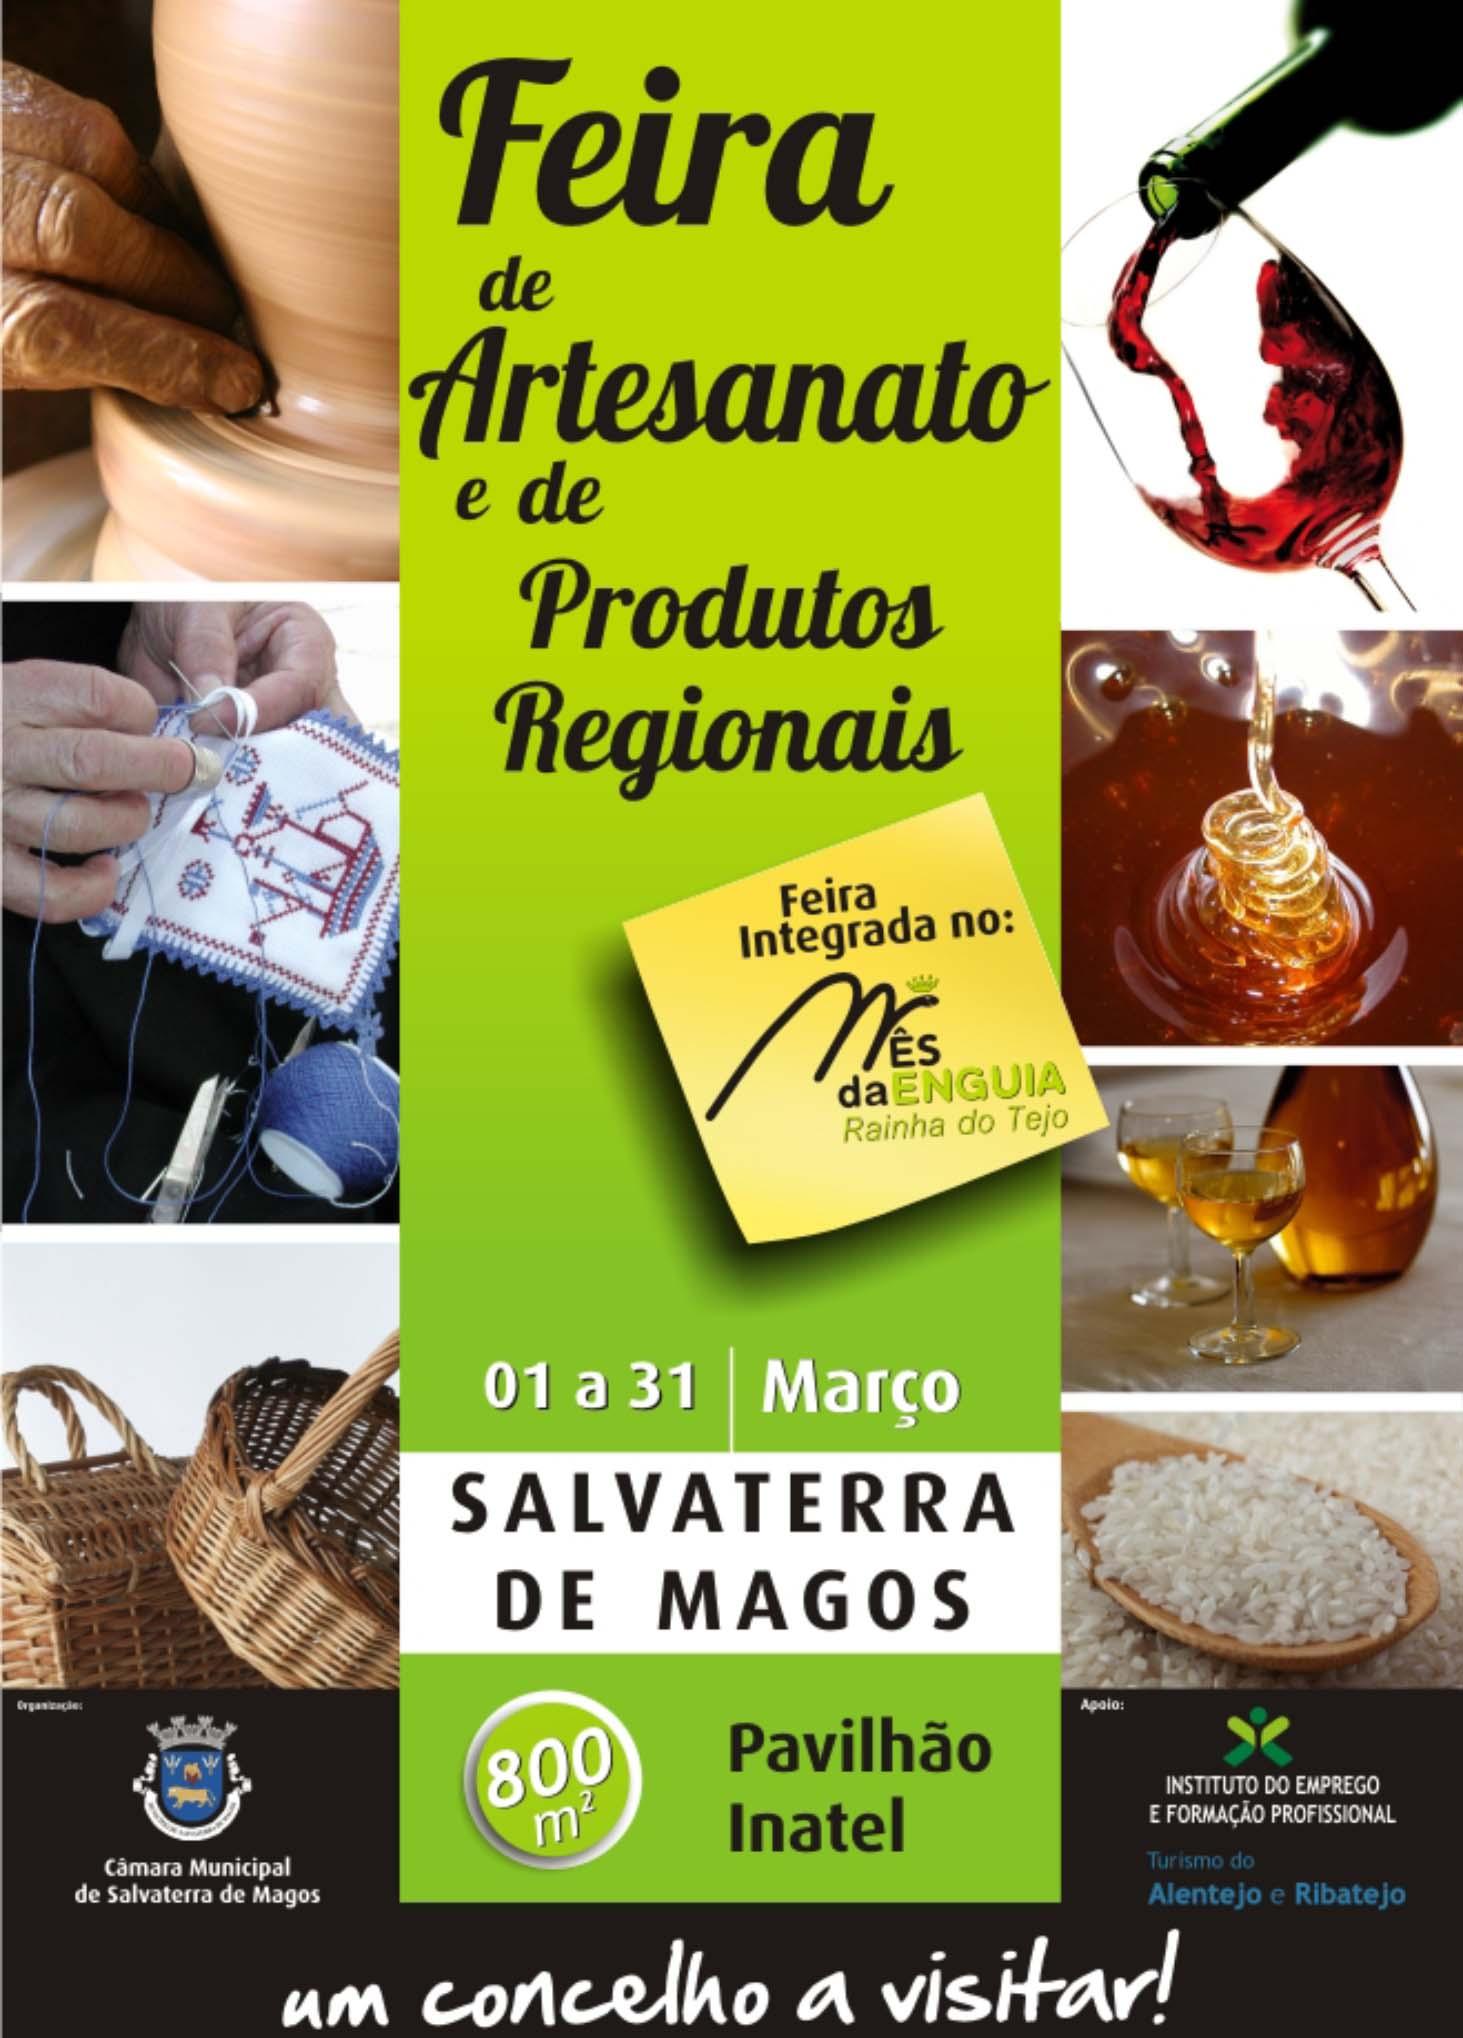 Feira de Artesanato e Produtos Regionais em Salvaterra de Magos